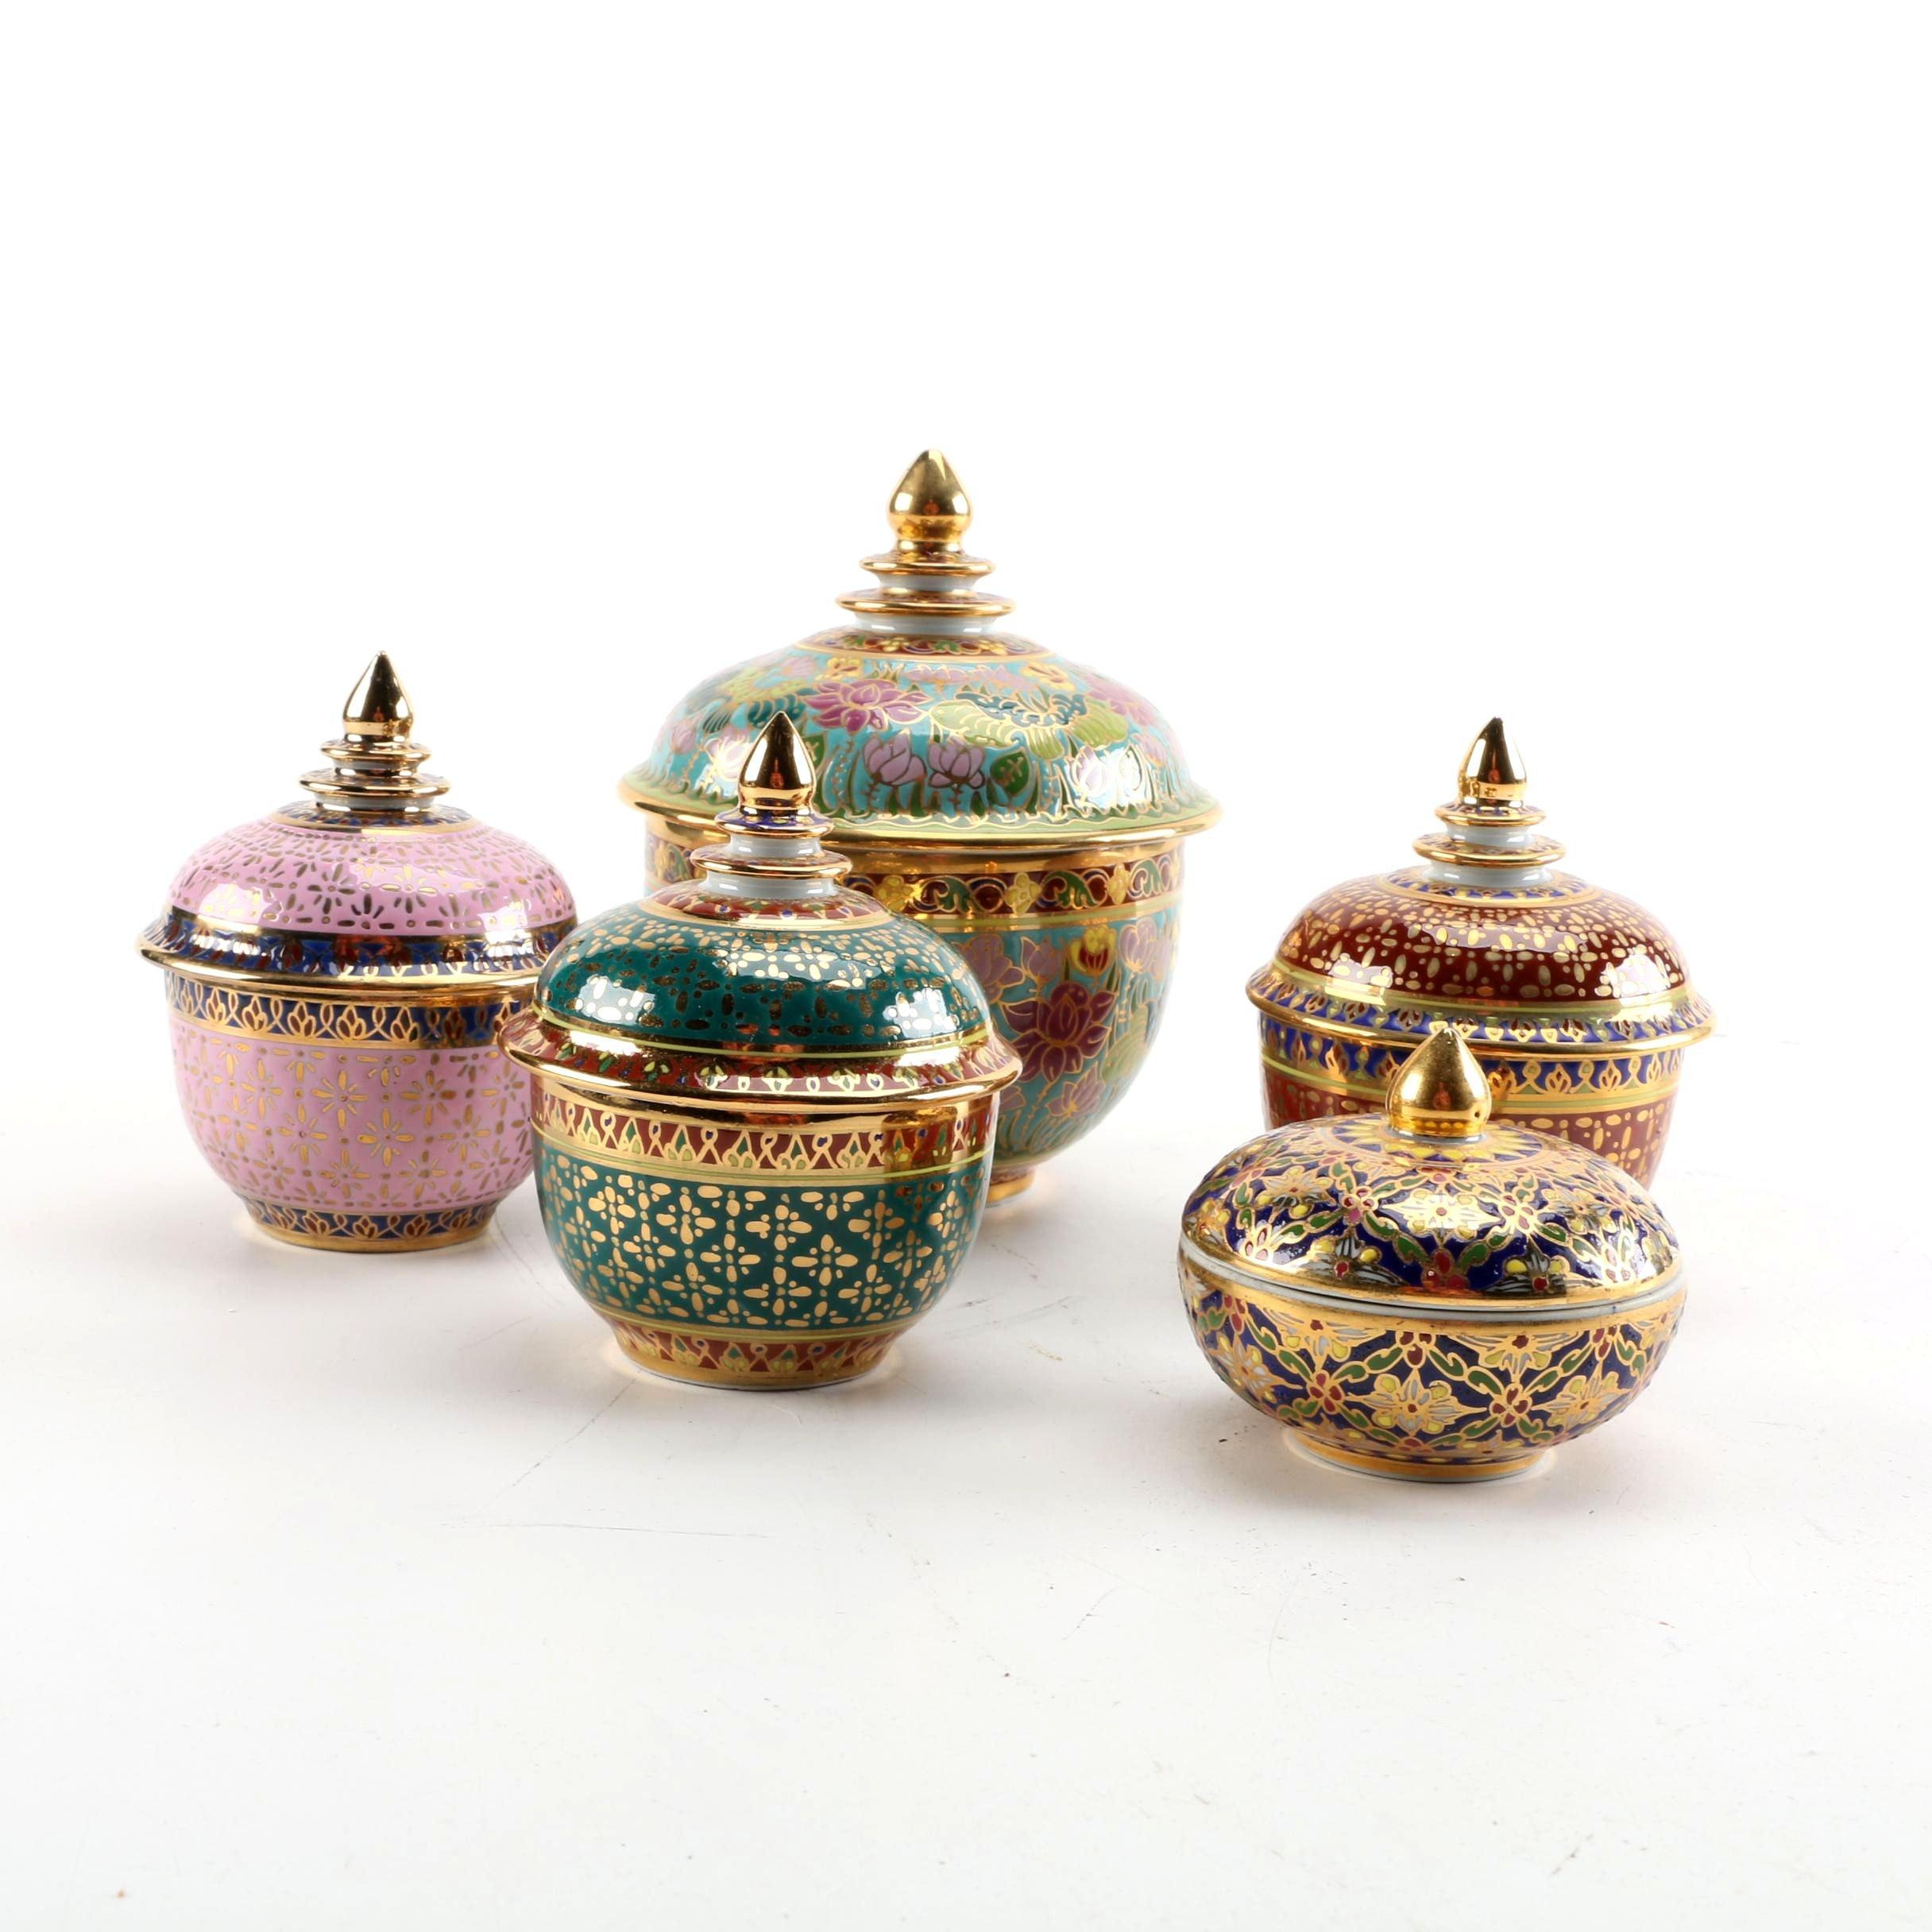 Thai Decorative Porcelain Trinket Boxes